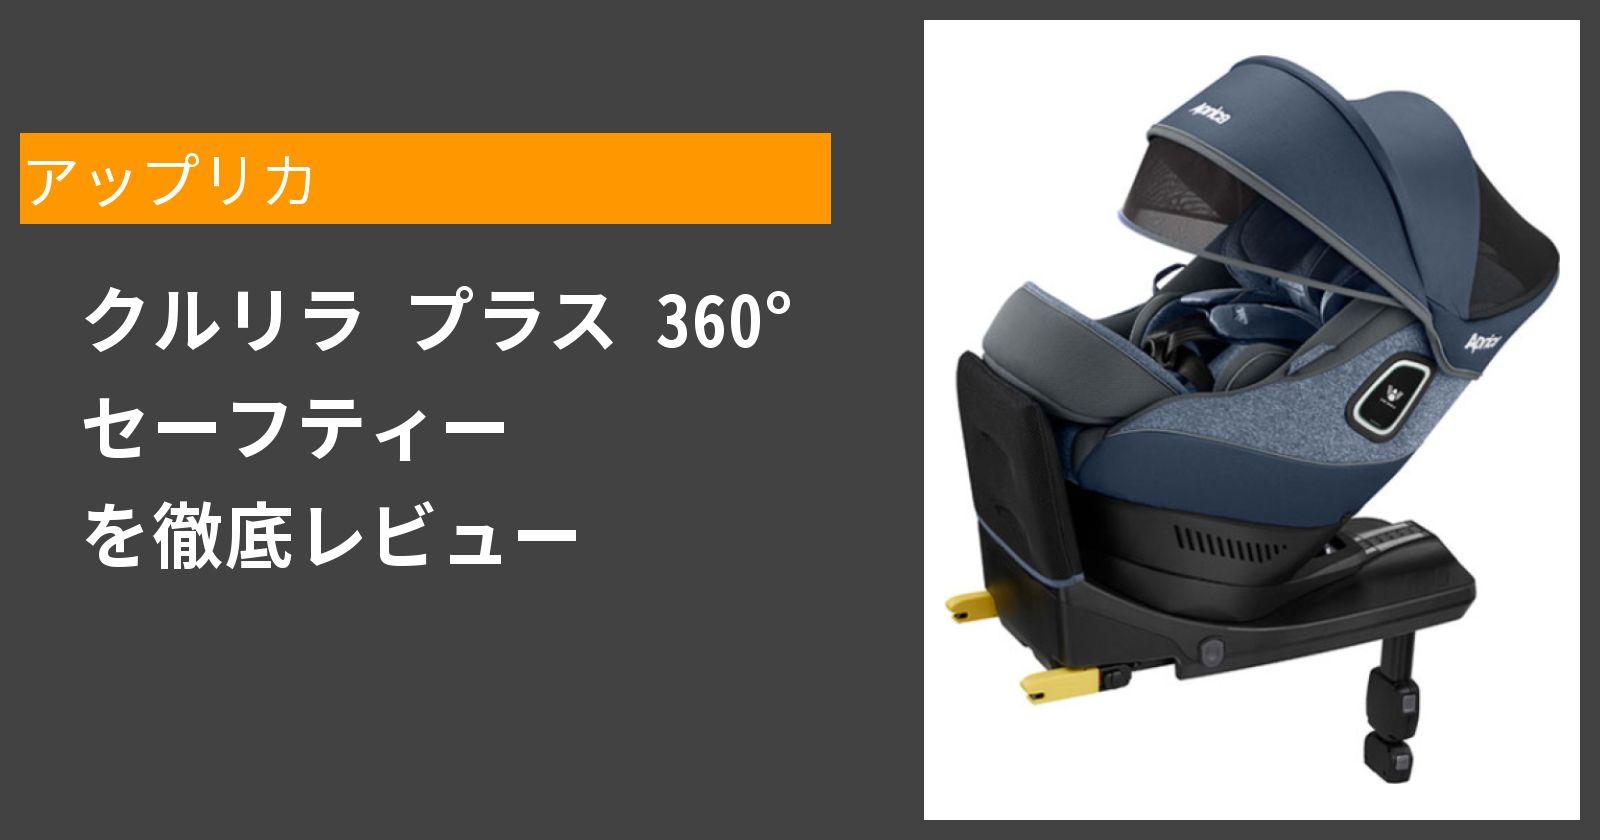 クルリラ プラス 360° セーフティーを徹底評価